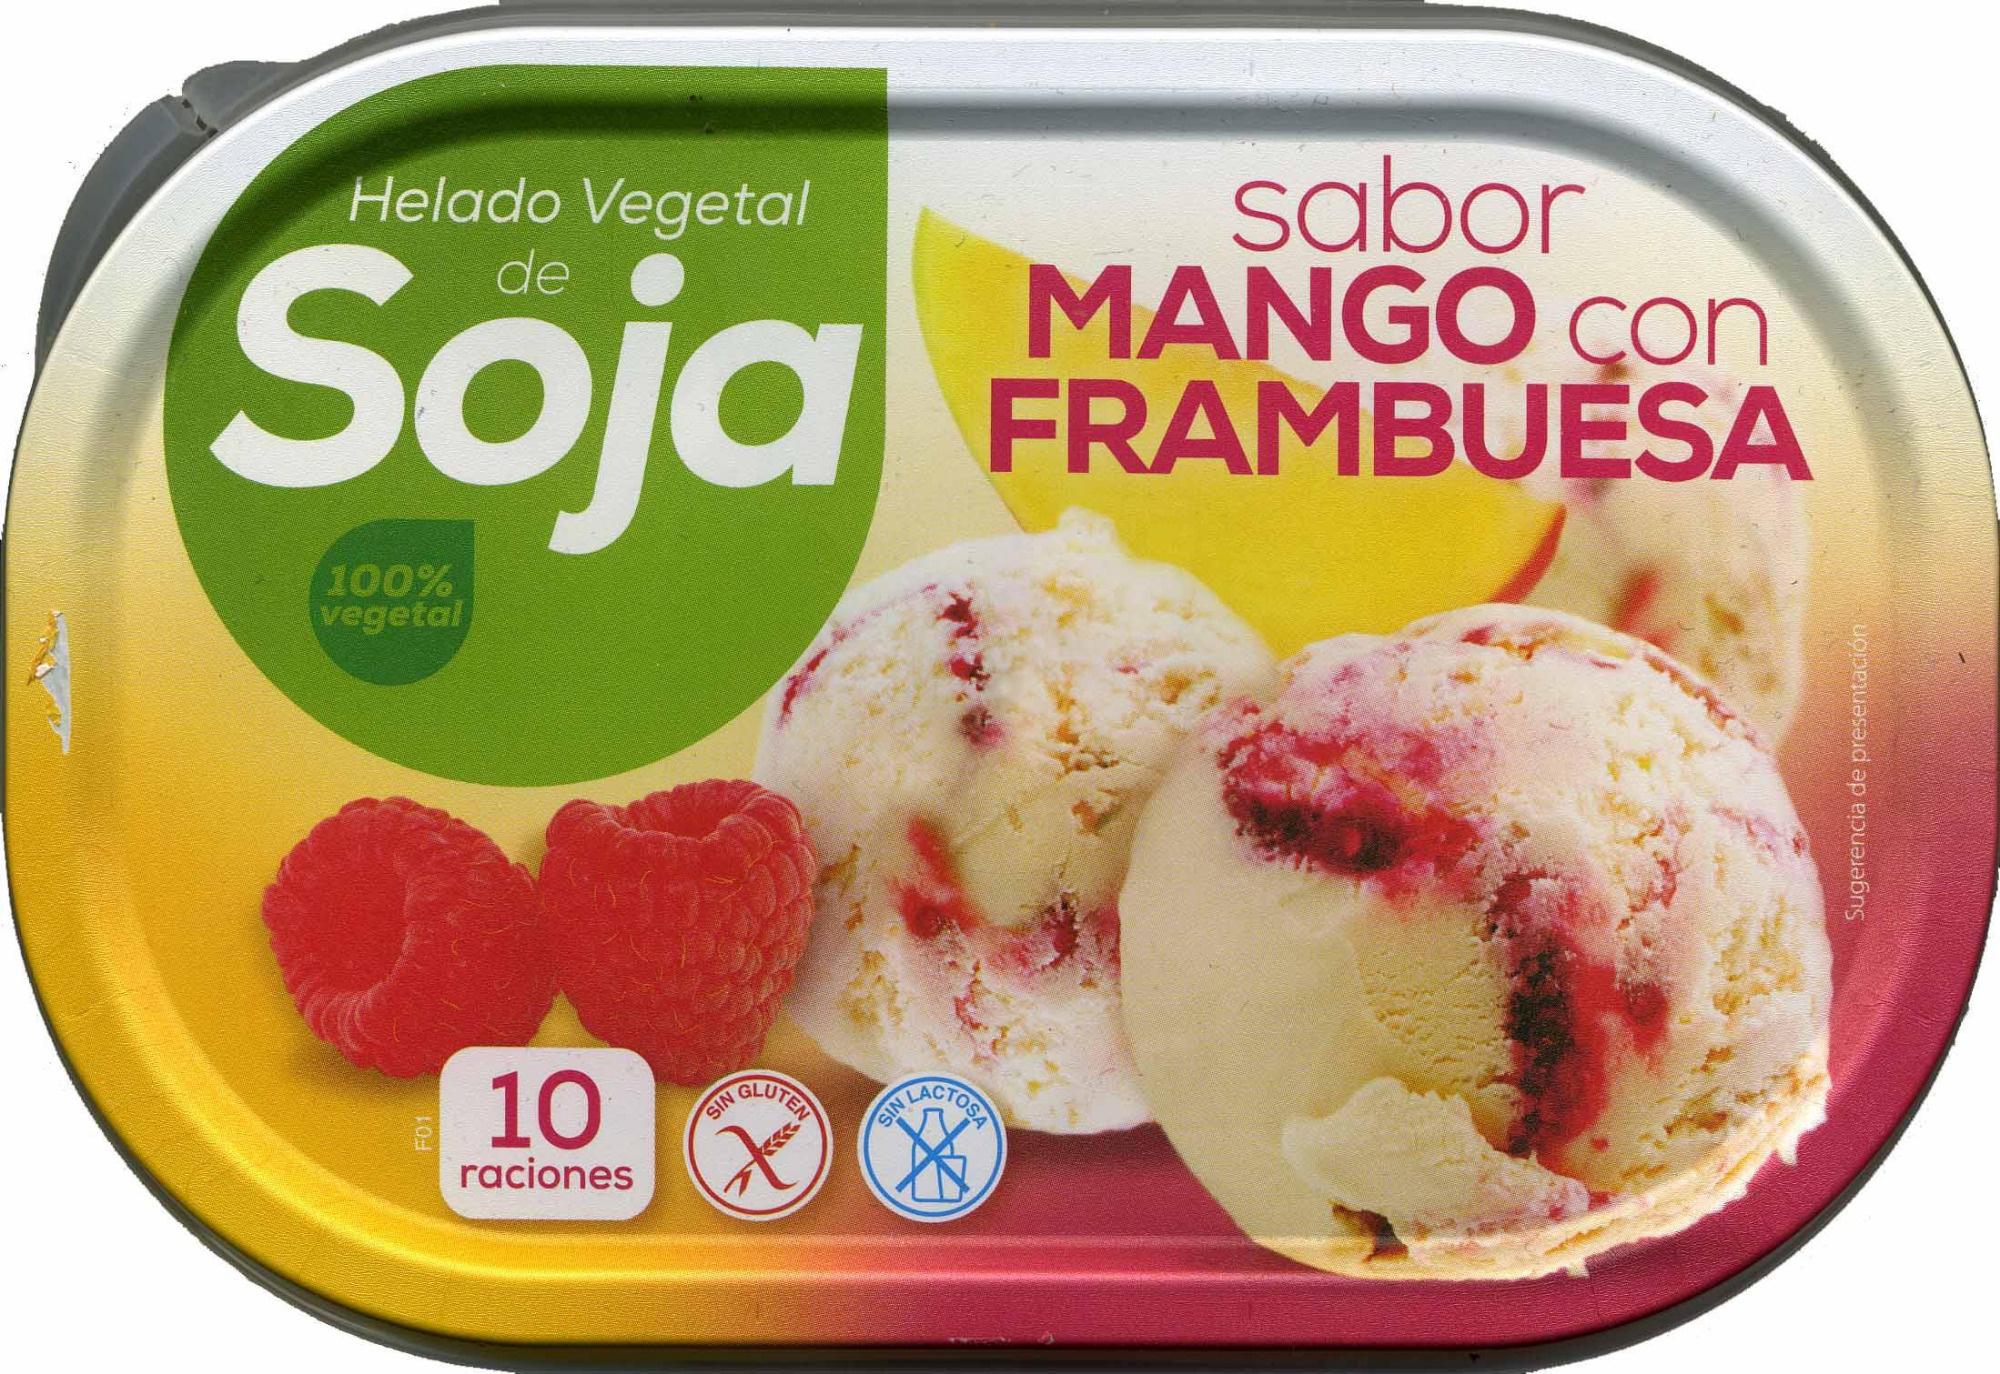 Helado de soja sabor mango frambuesa - Producto - es